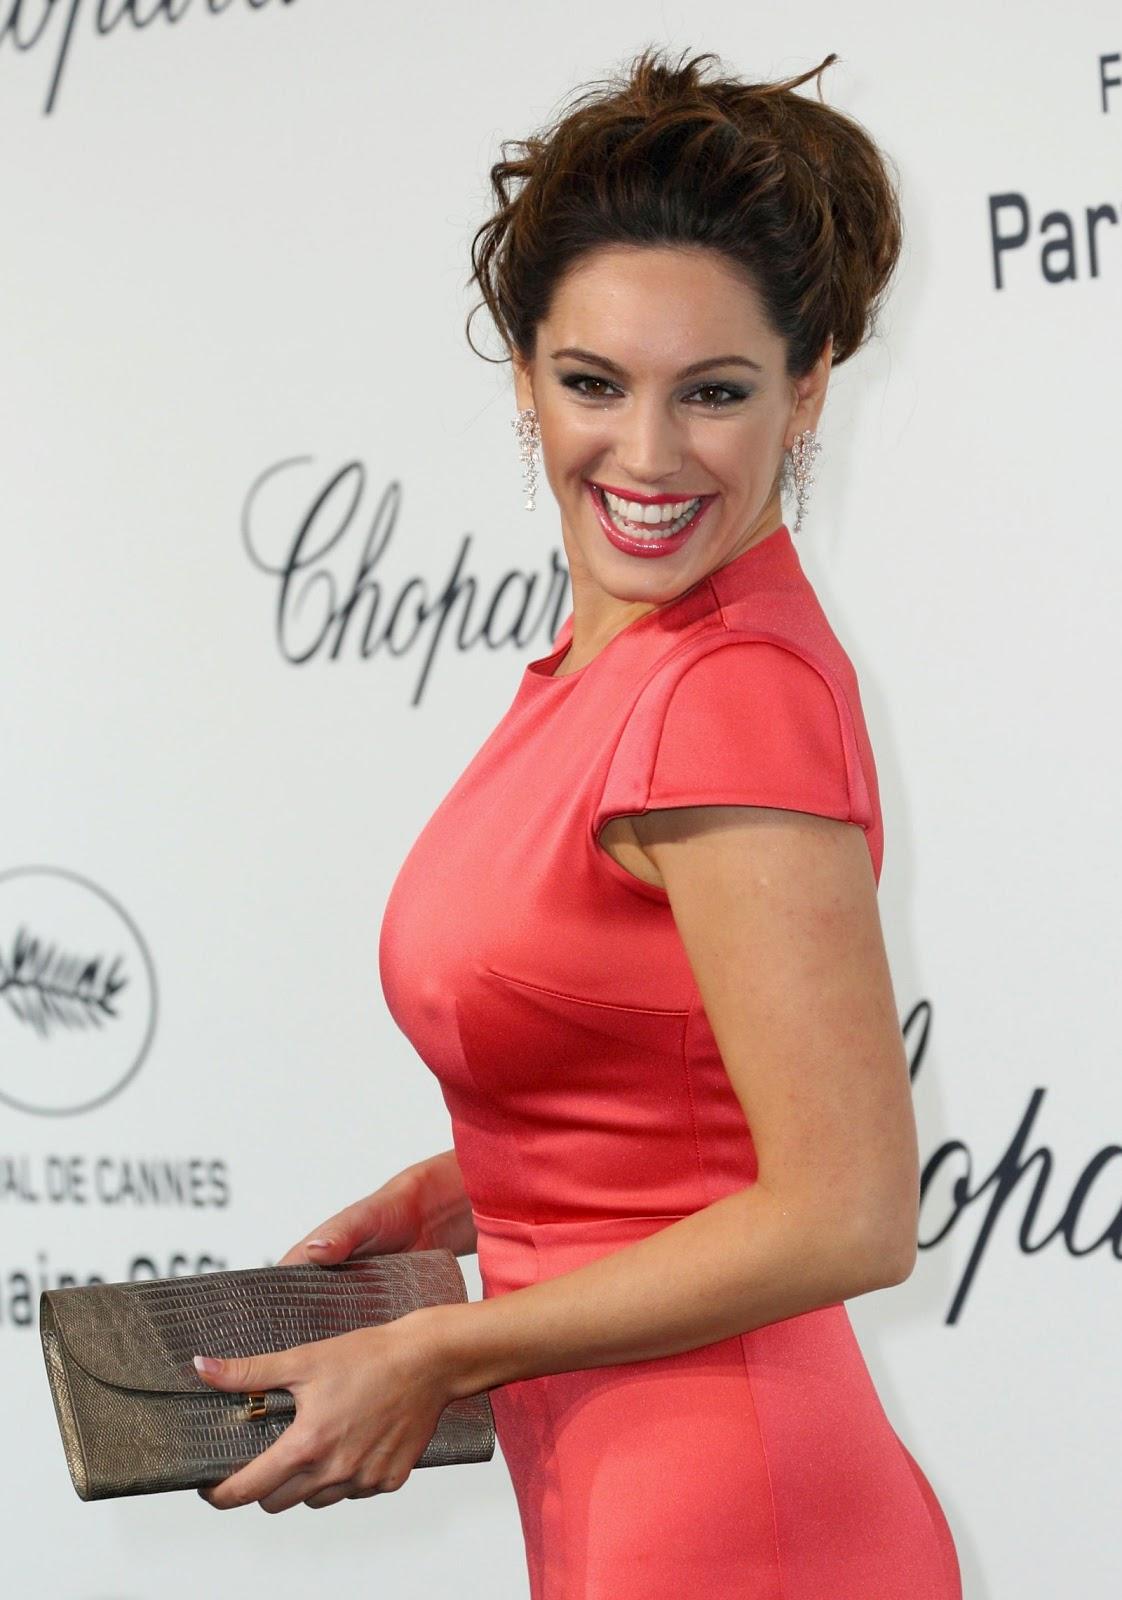 http://3.bp.blogspot.com/-8TEieUGEBsg/T7vWd4DhBRI/AAAAAAAAJiI/Qi1bWkmyweQ/s1600/Kelly-Brook-Big-Boobs-Nipple-Pokie-Cannes-4.jpg